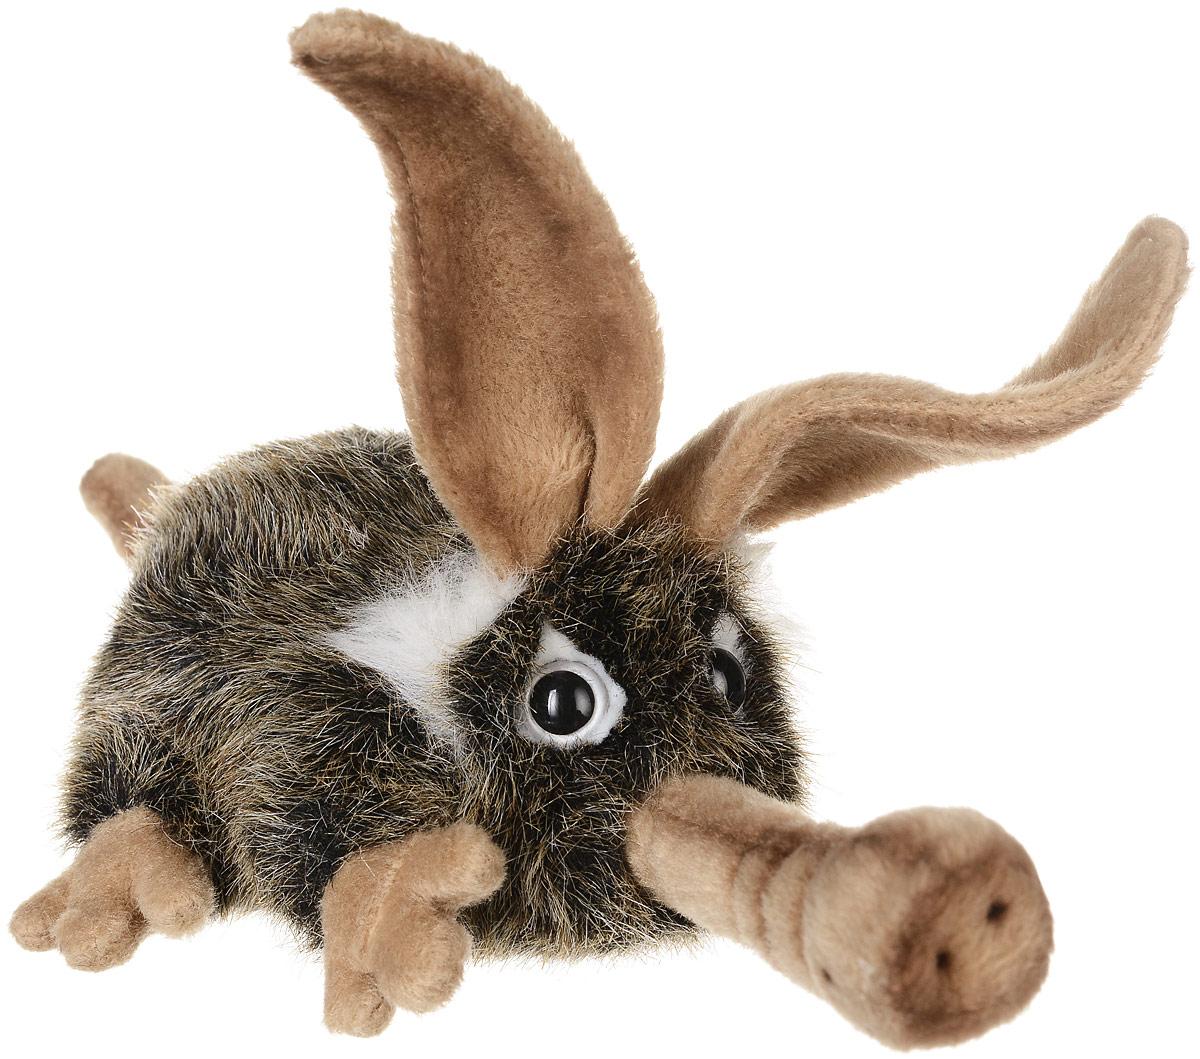 Hansa Мягкая игрушка Лесной тролль 15 см мягкая игрушка hansa пони с мягкой набивкой 35 см